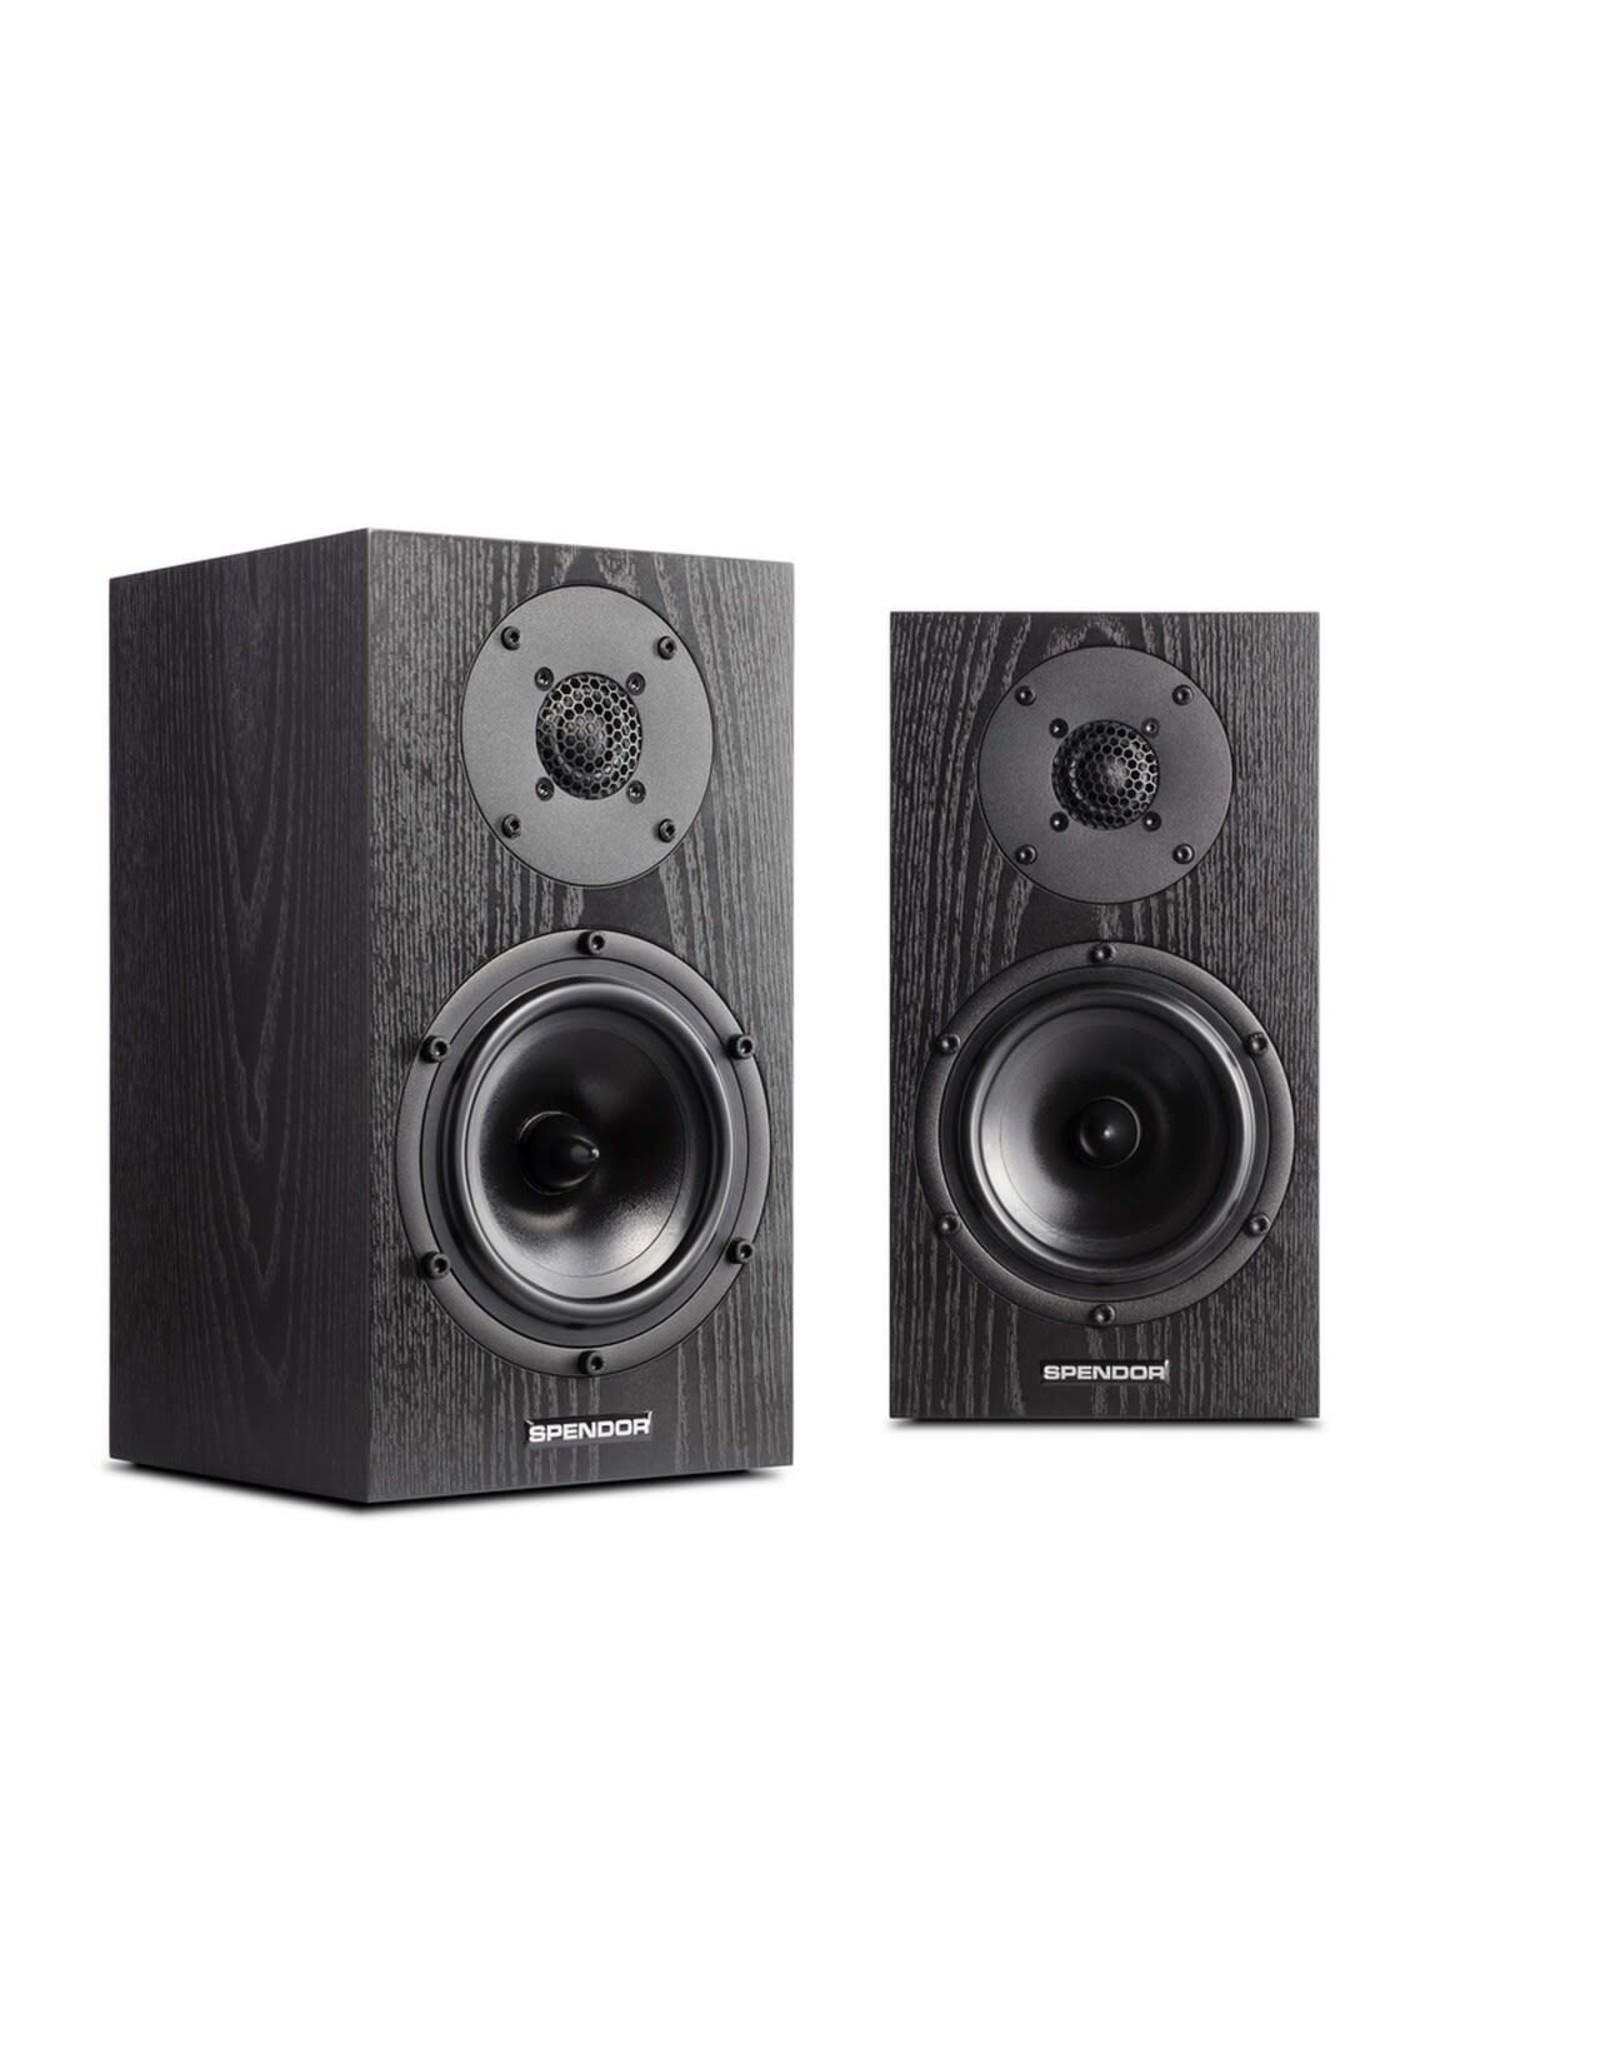 Spendor Spendor A1W Surround Speakers